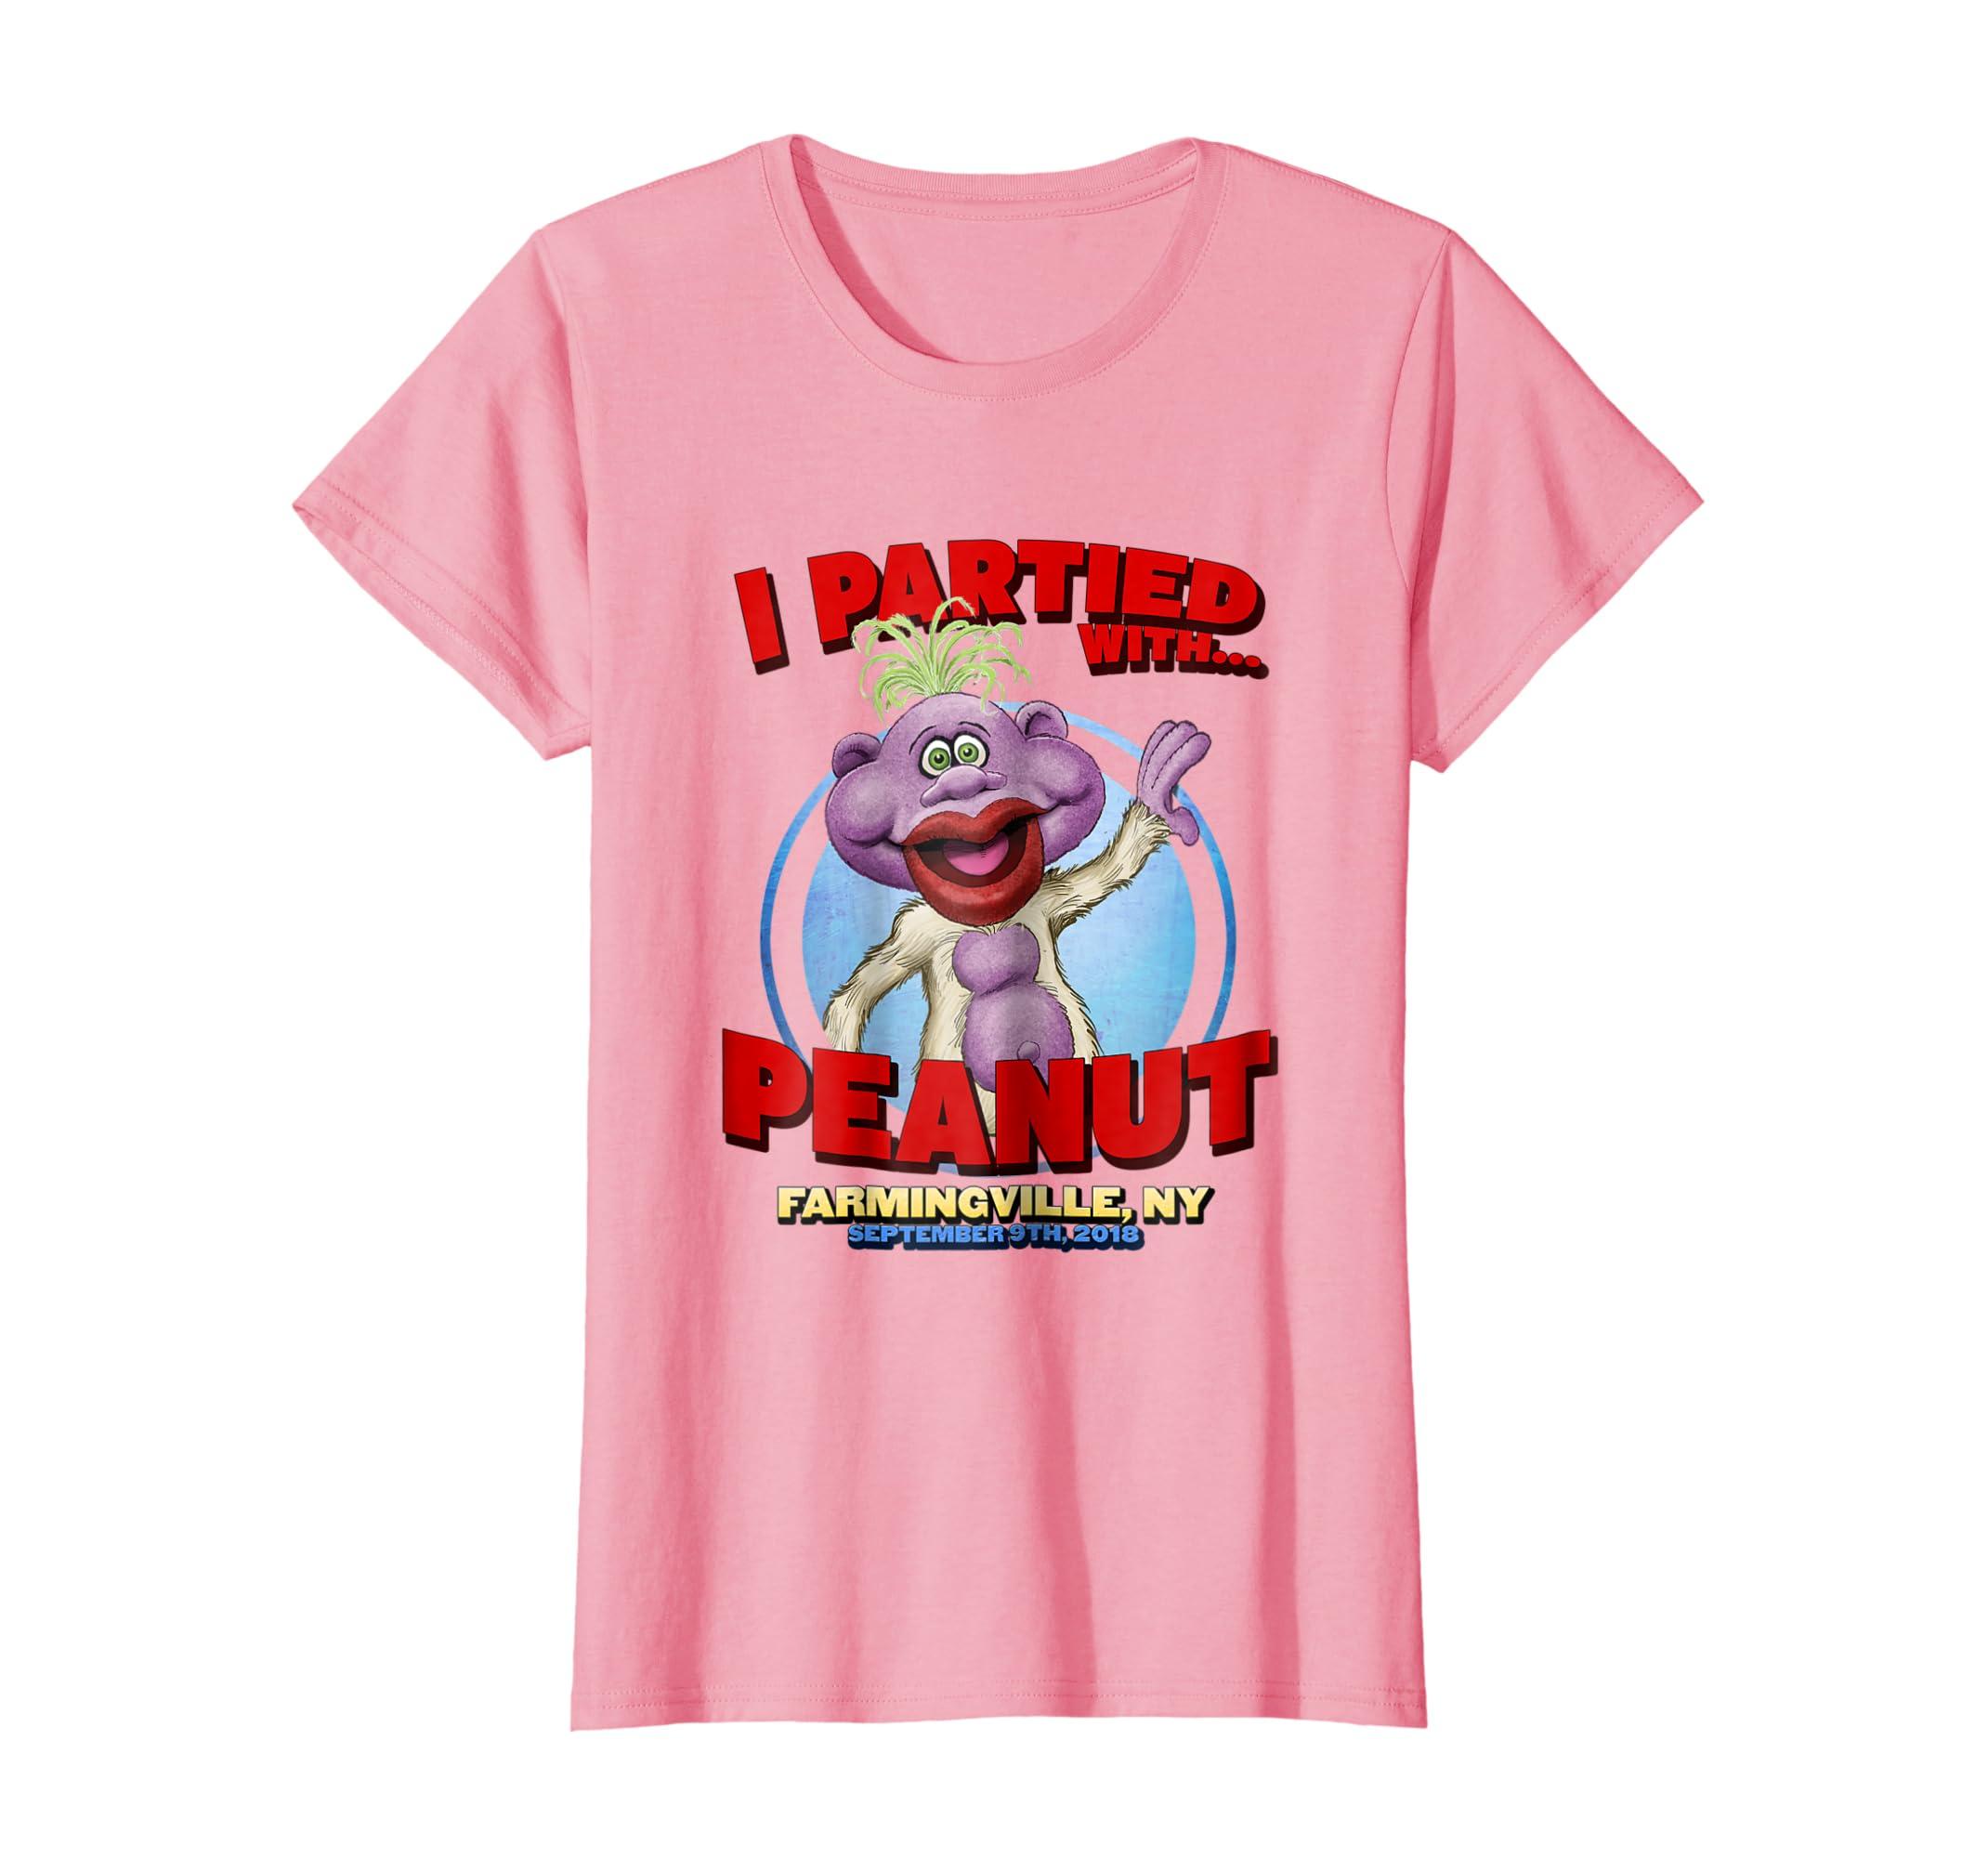 Peanut Farmingville, NY Shirt